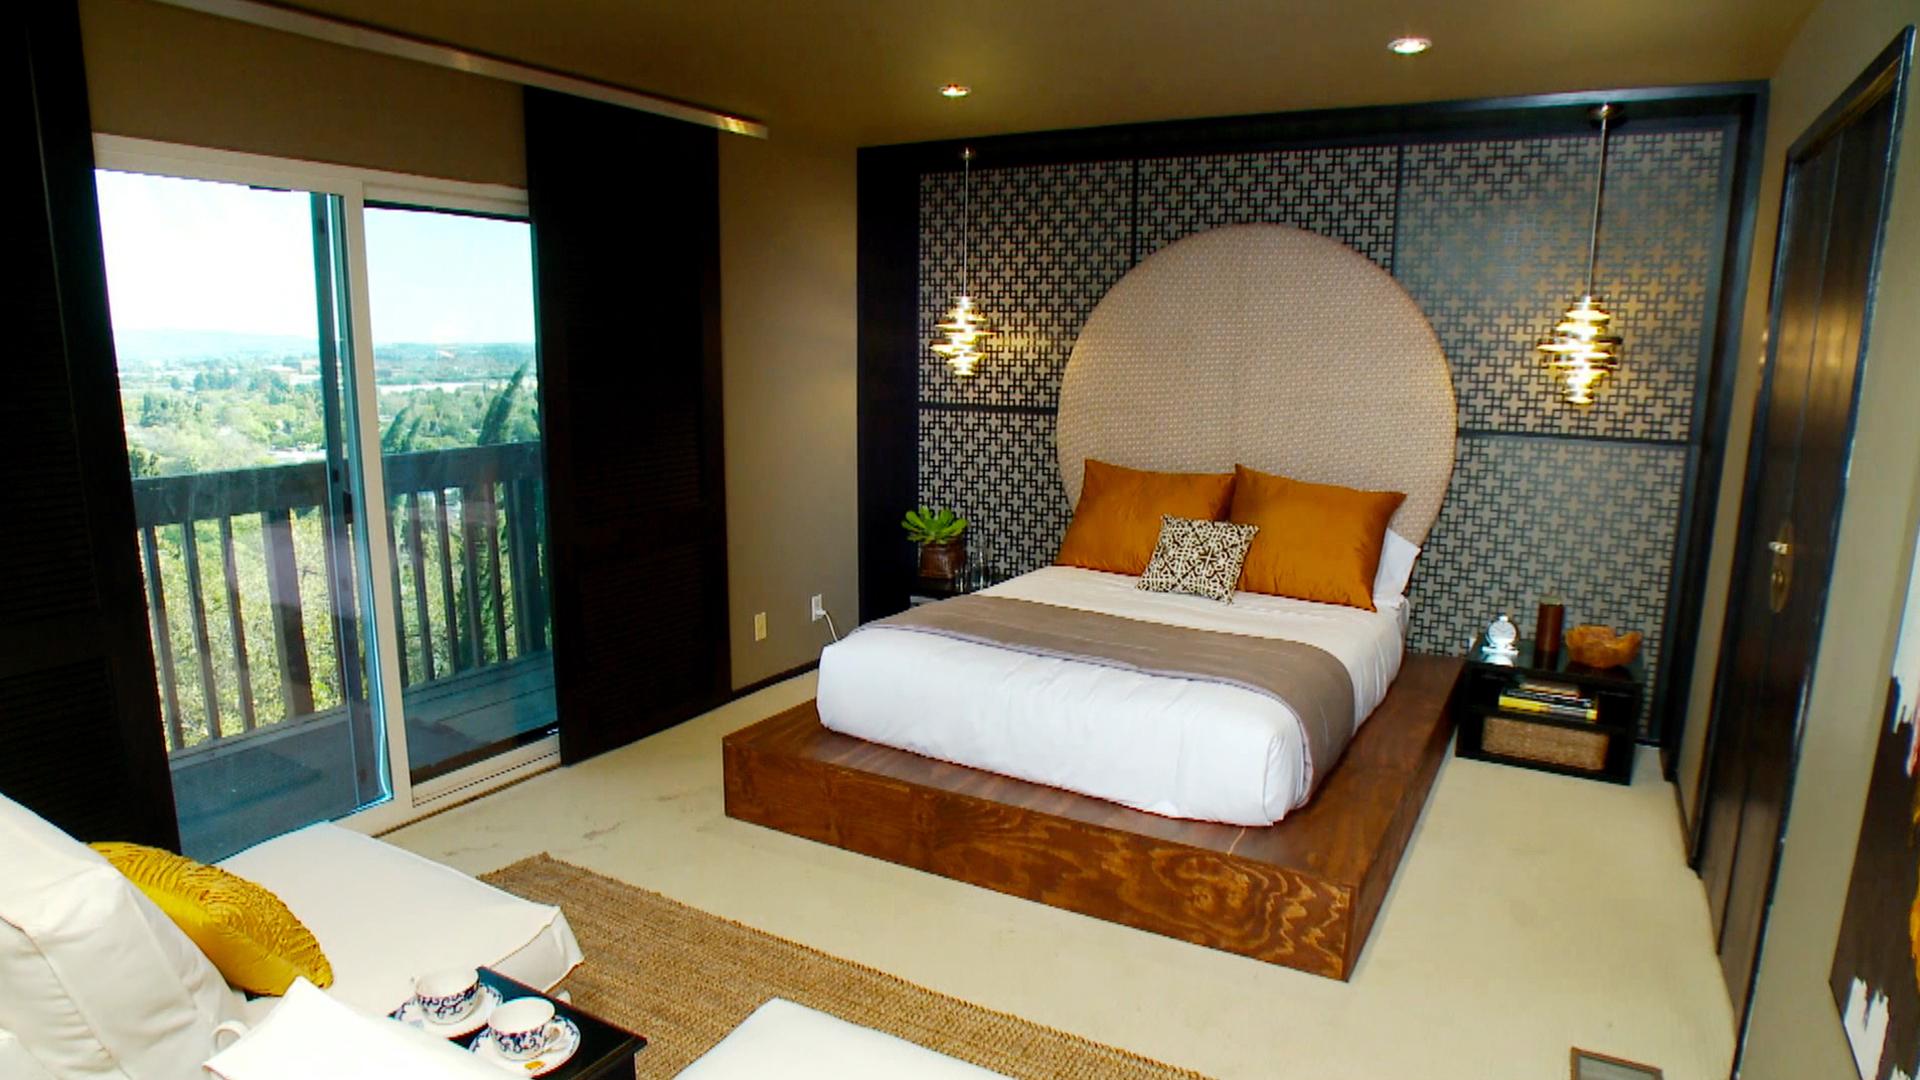 Кровать подиум в китайском стиле